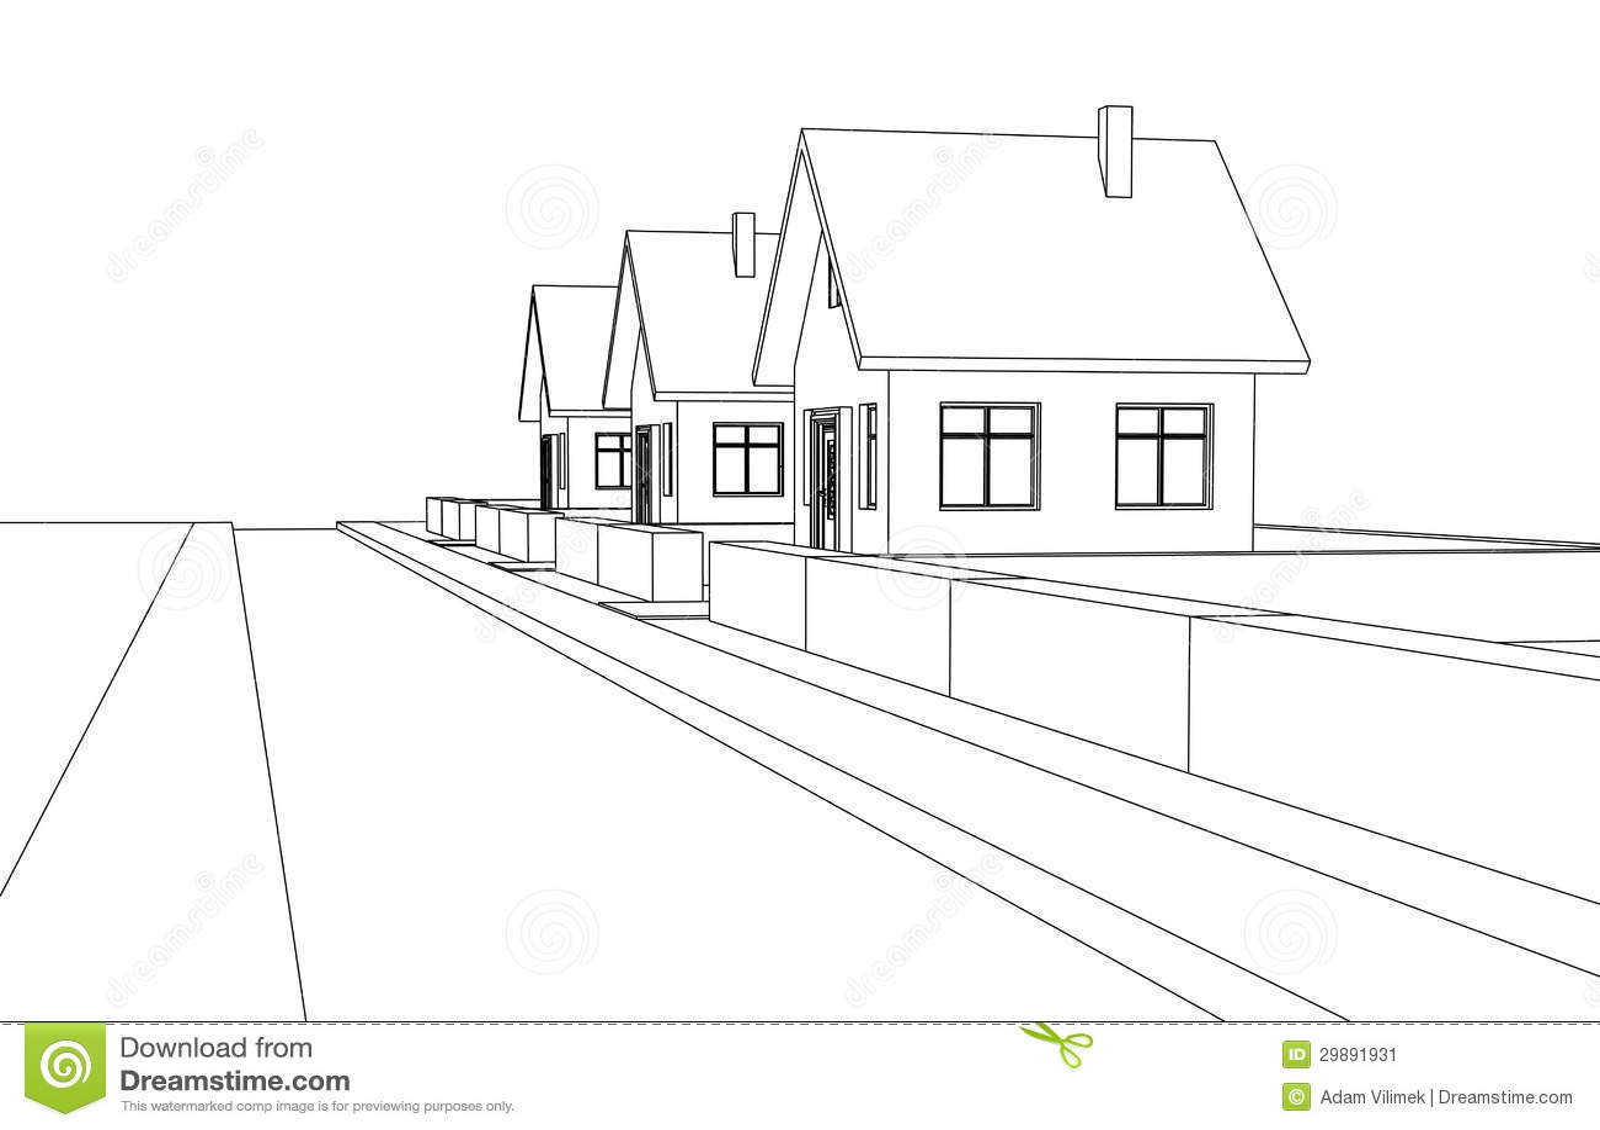 City Street Development Vector Perspective Sketch Stock